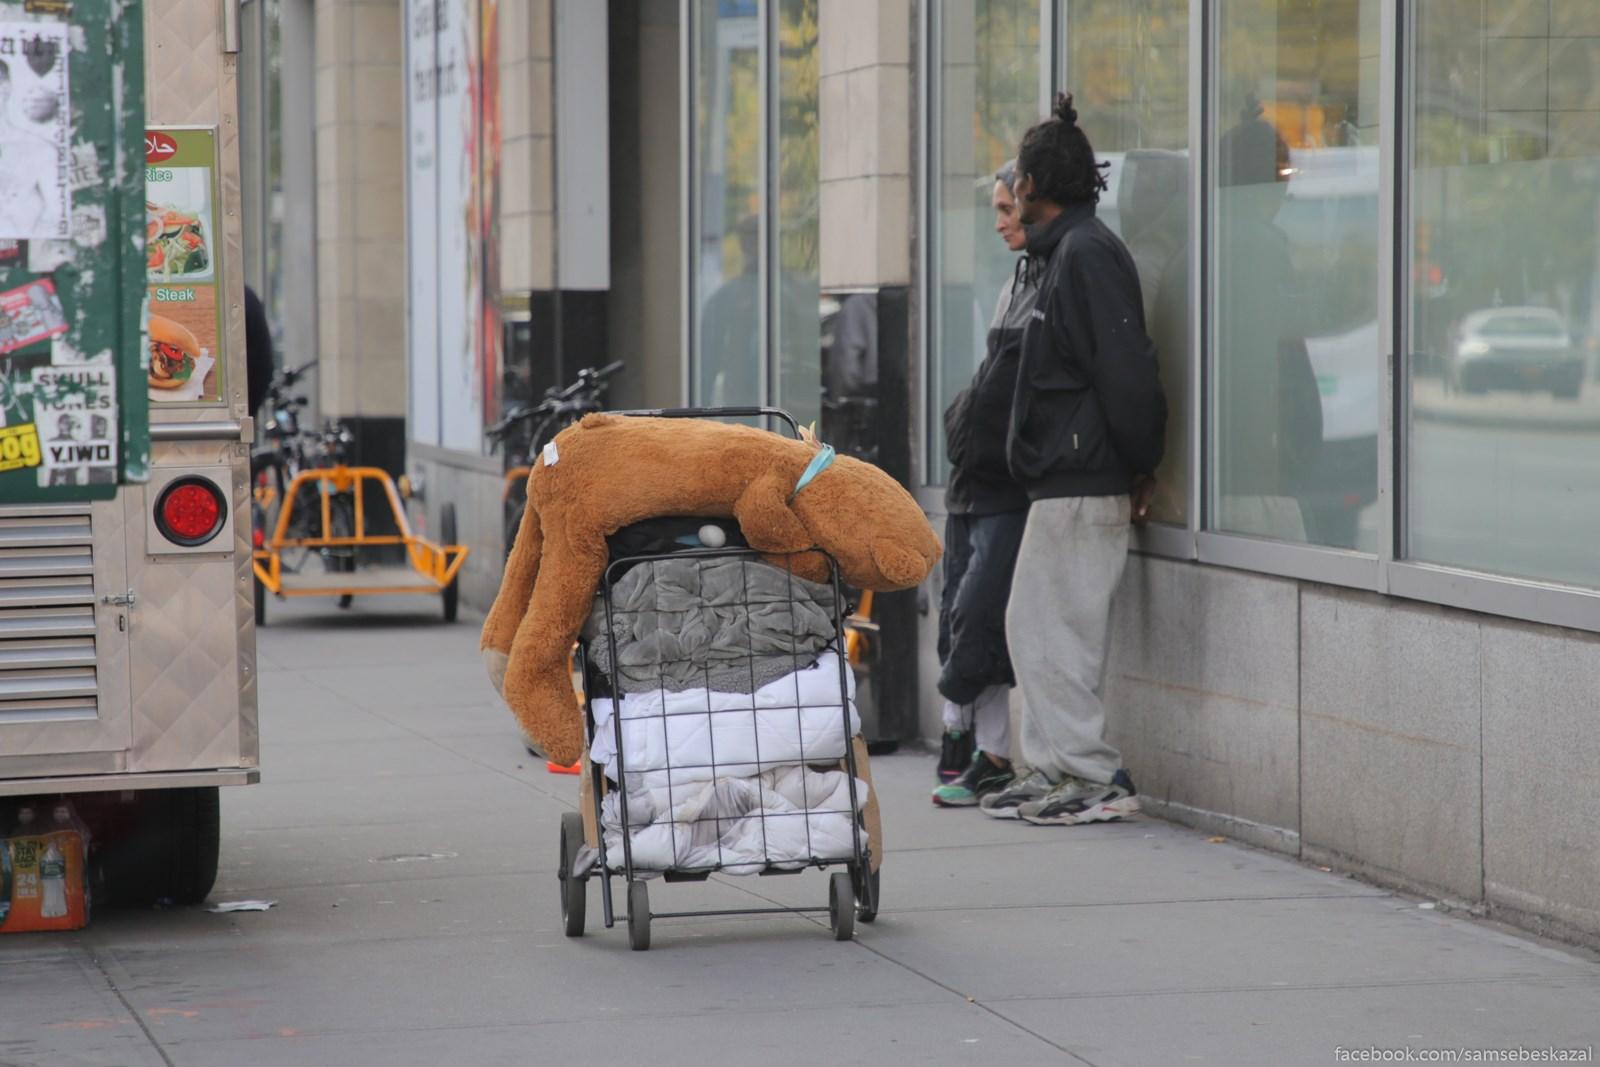 Vsem nuzny druzʹa. Telezka s vesami bezdomnogo na Manhettene.